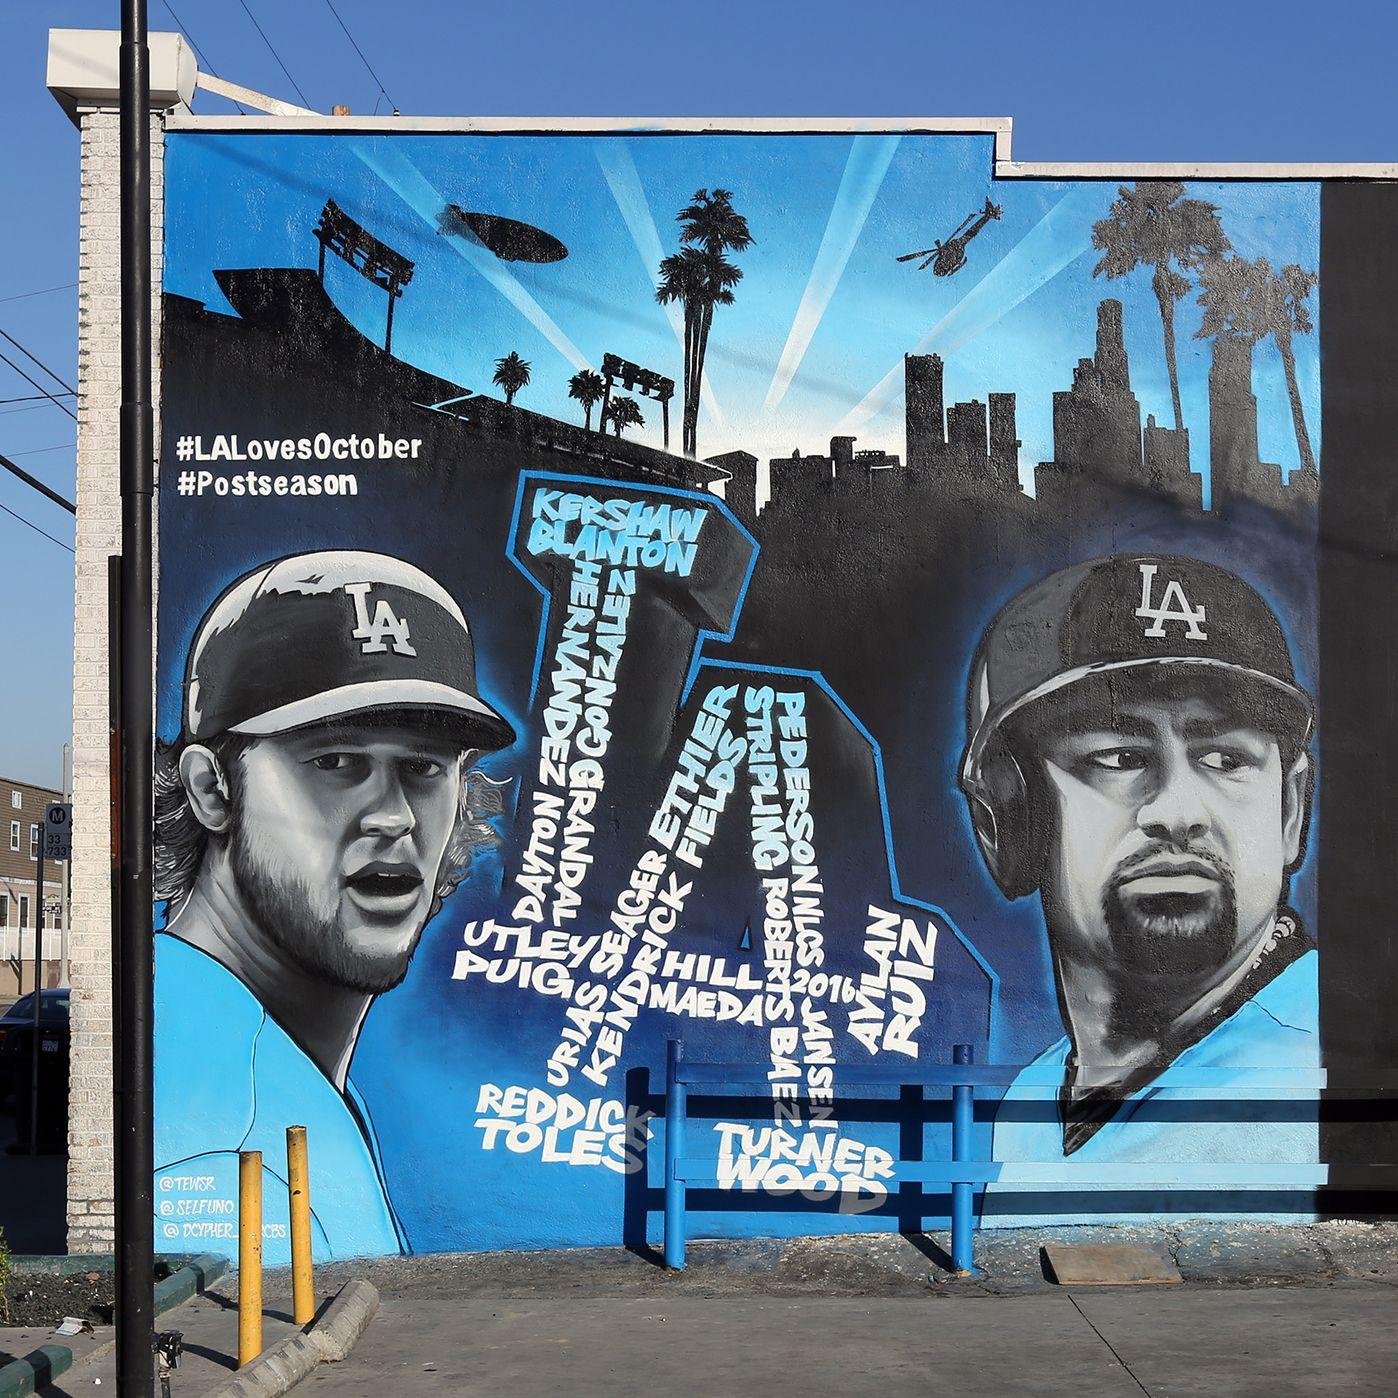 Los angeles dodgers portrait street art mural near dtla